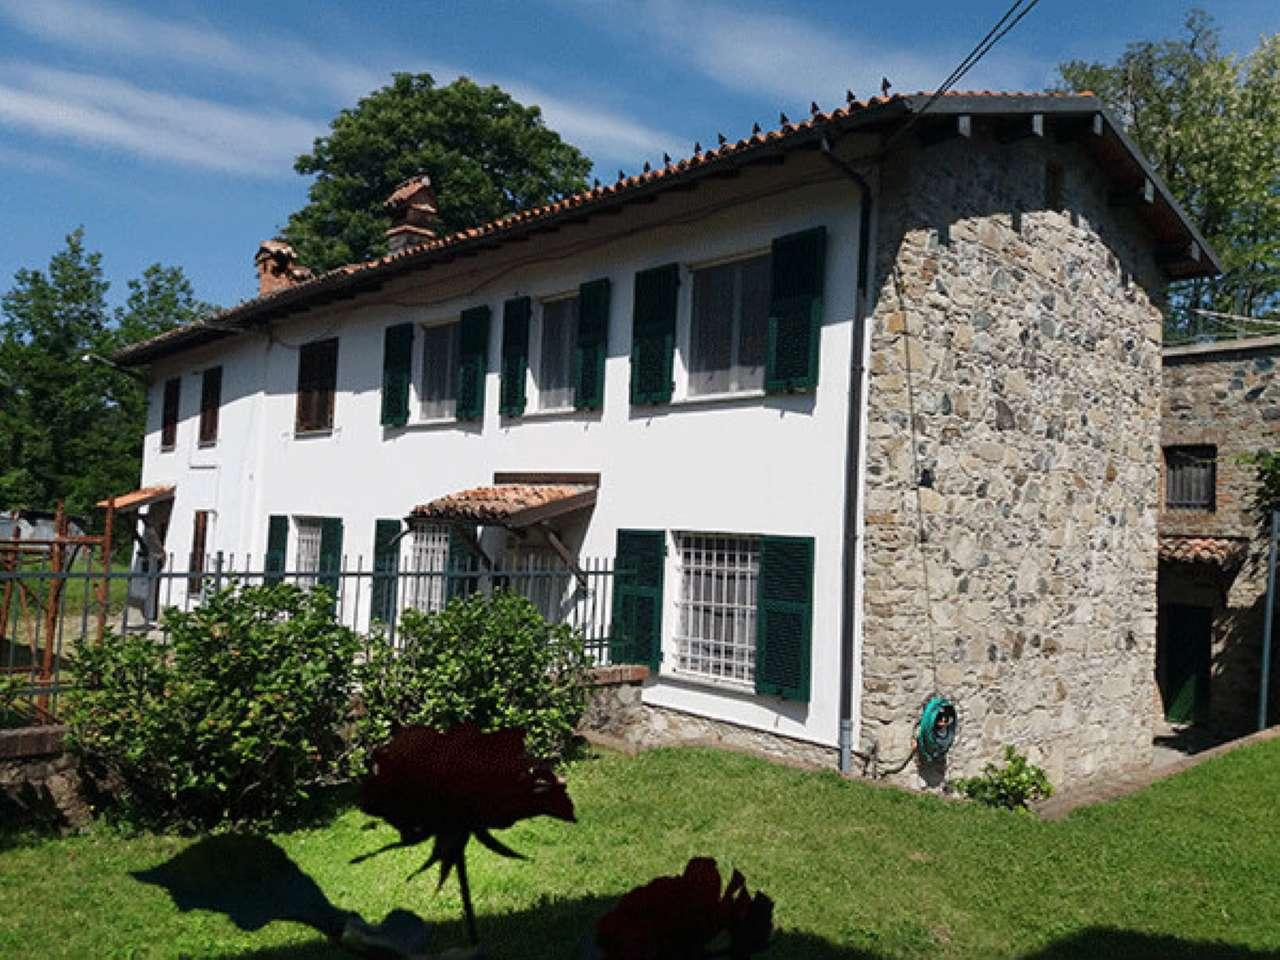 Foto 1 di Casa indipendente Casaleggio Boiro